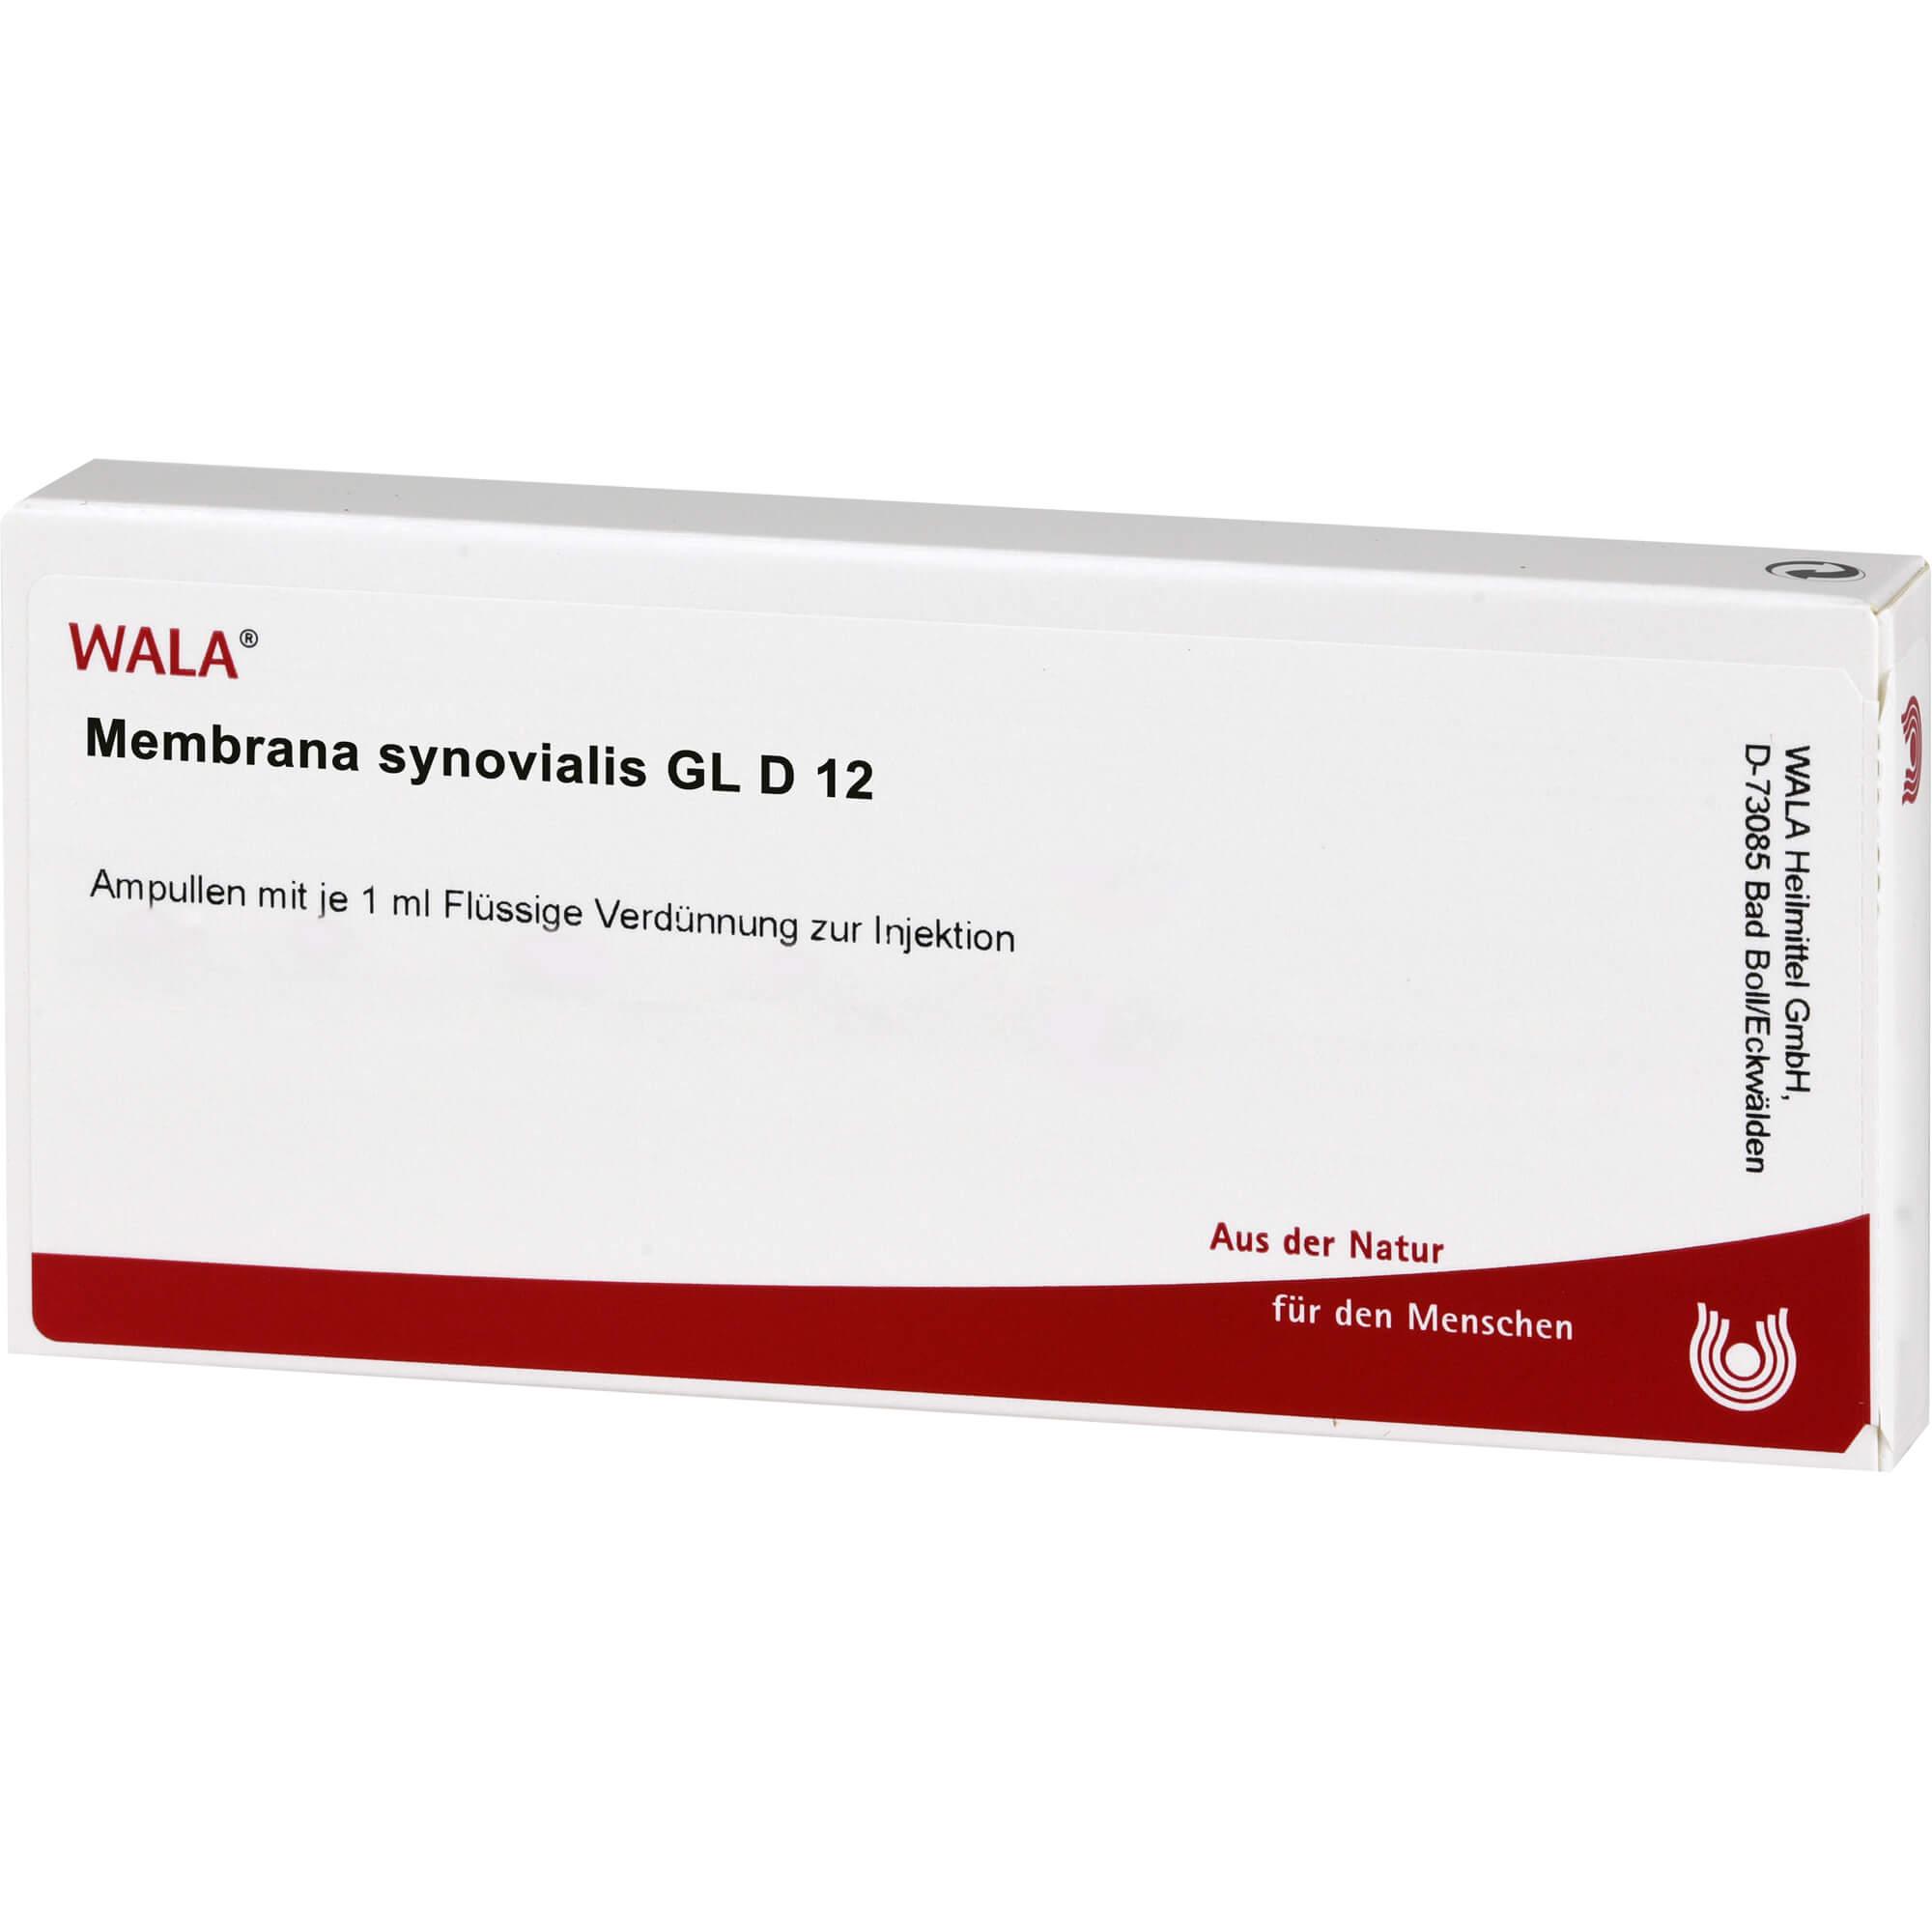 MEMBRANA SYNOVIALIS GL D12